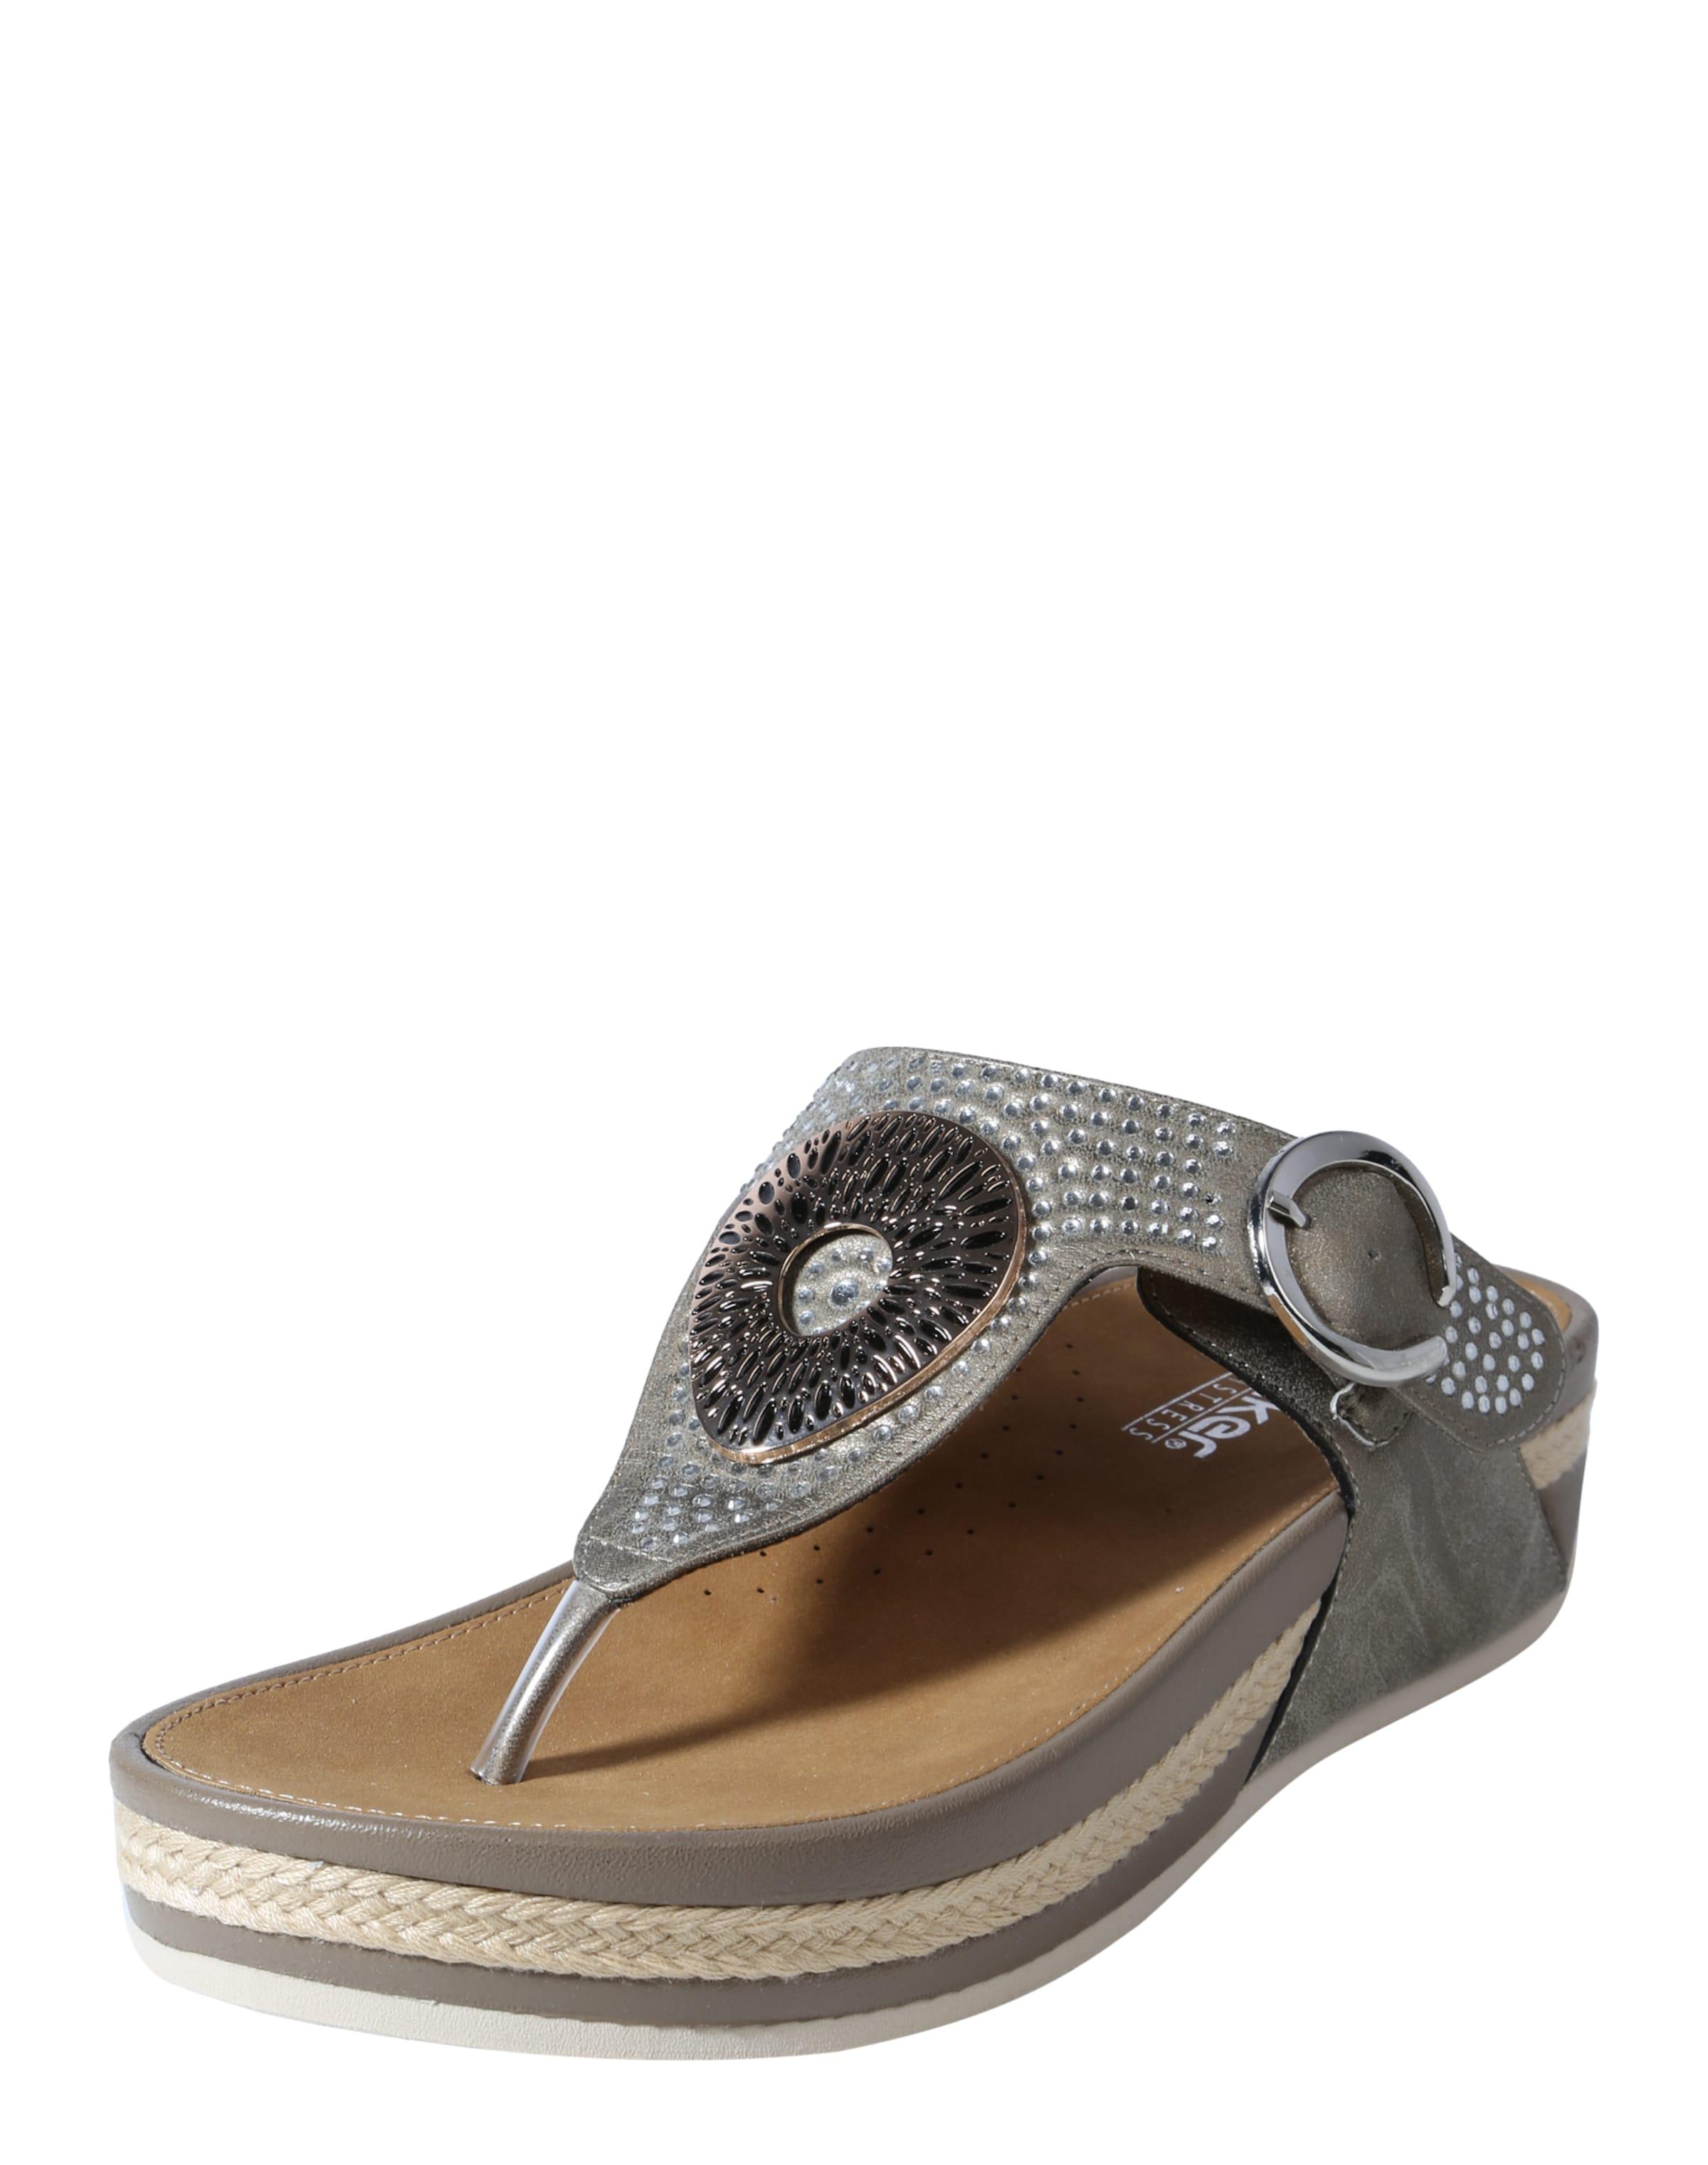 RIEKER Dianette Günstige und langlebige Schuhe